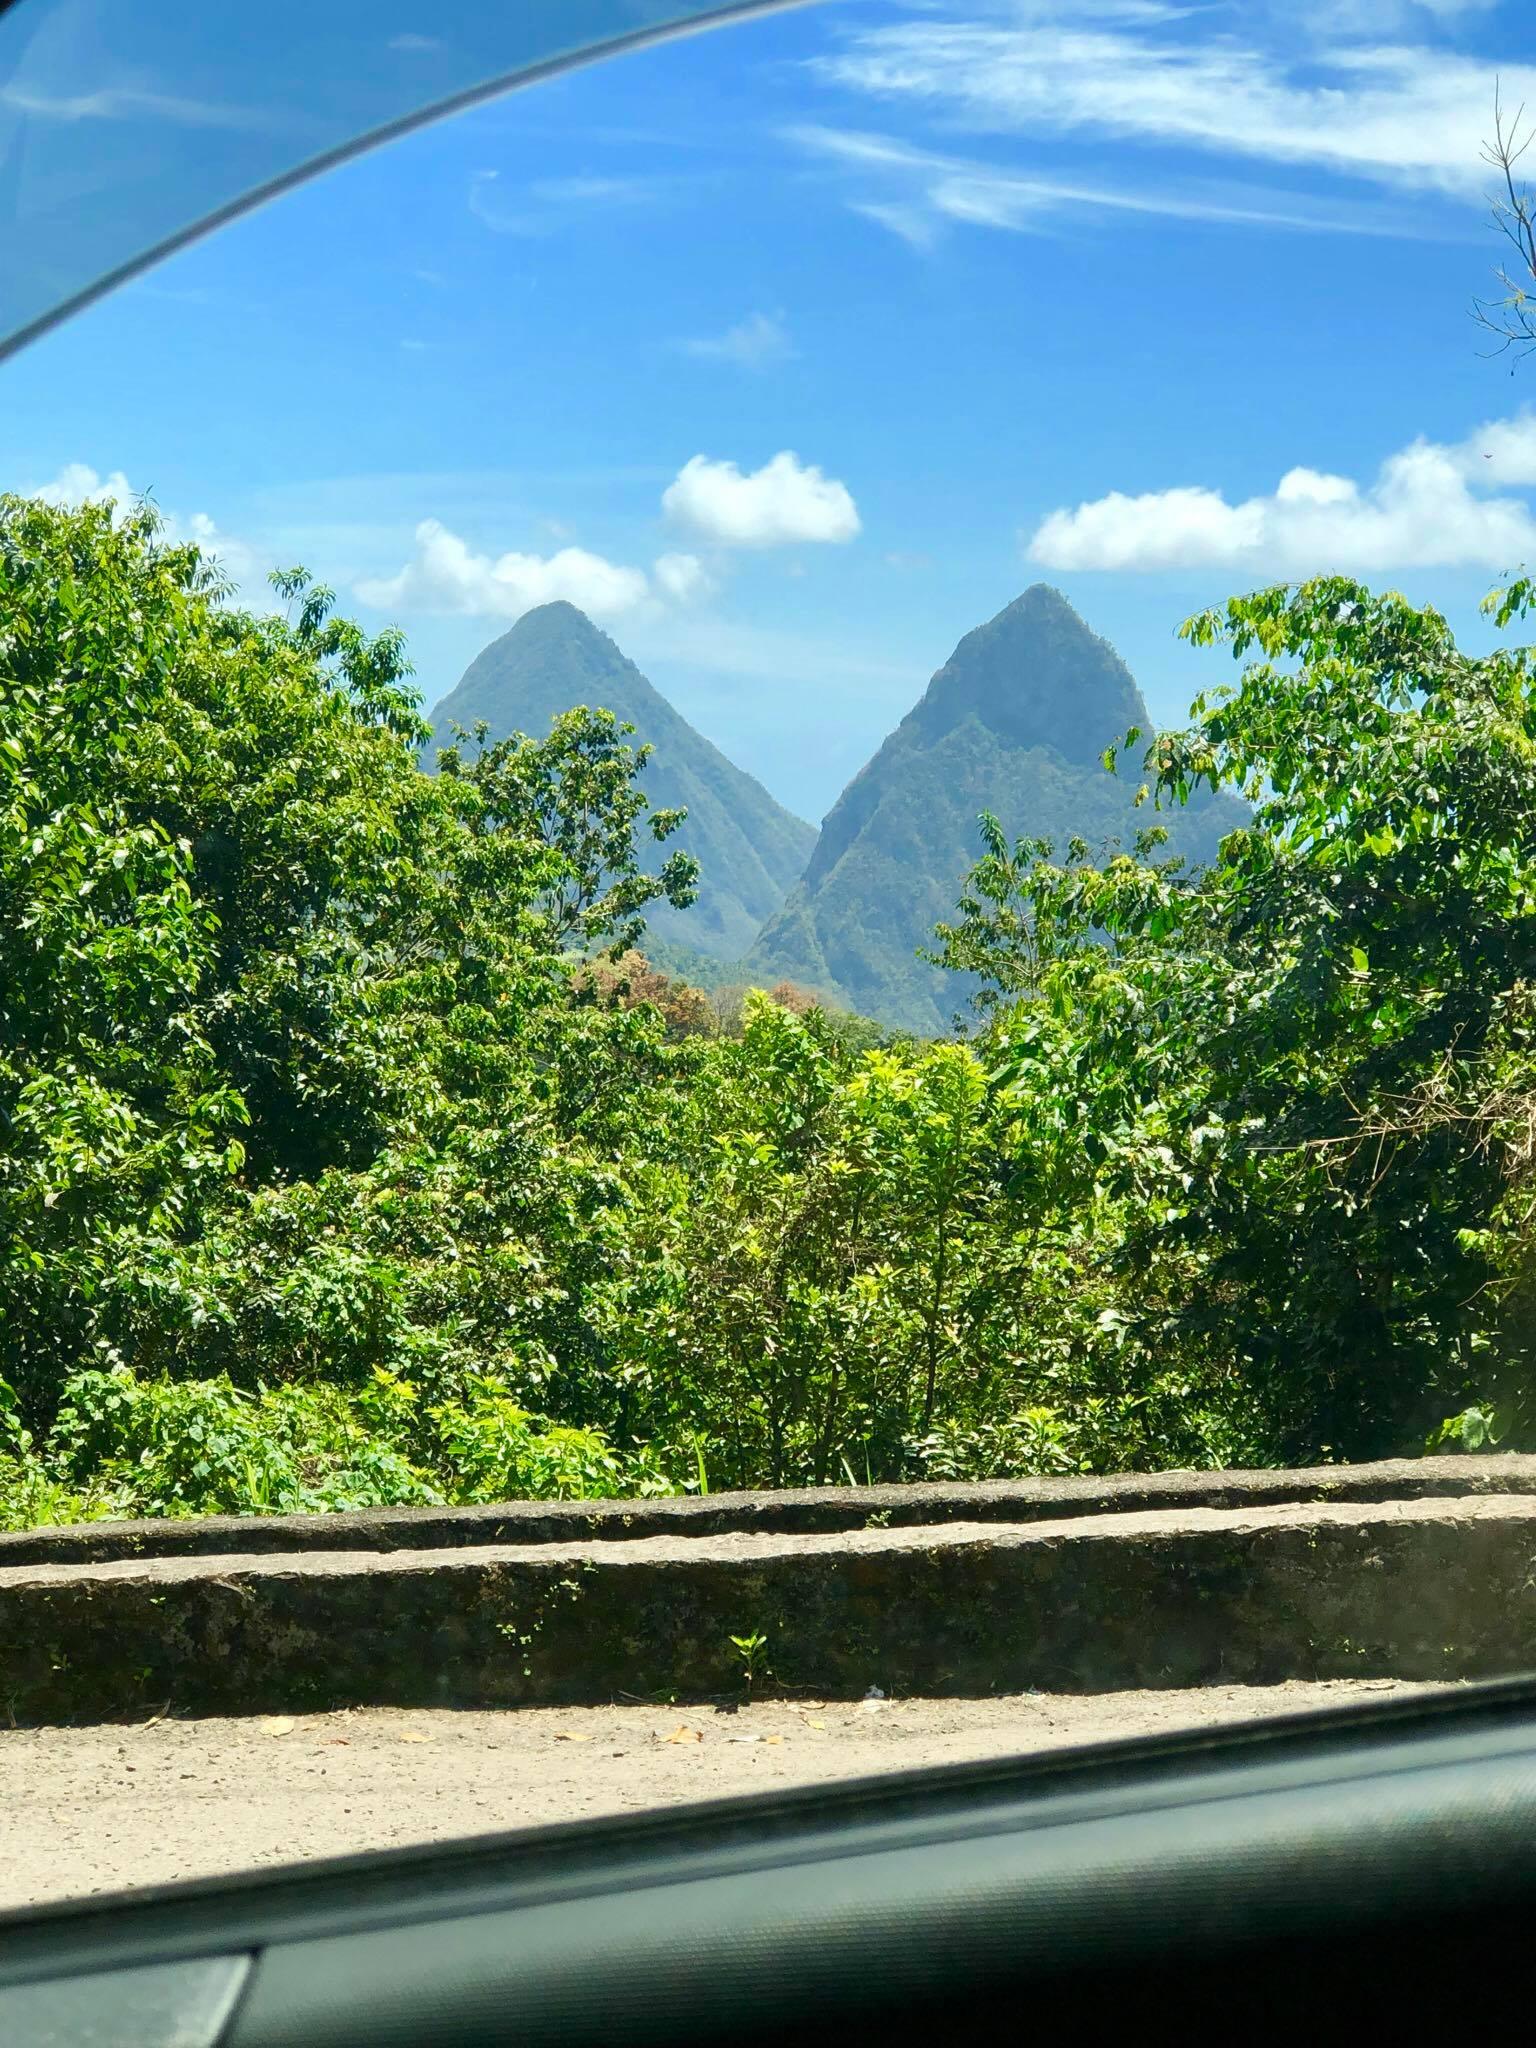 Kach Solo Travels in 2019 Beautiful St Lucia26.jpg